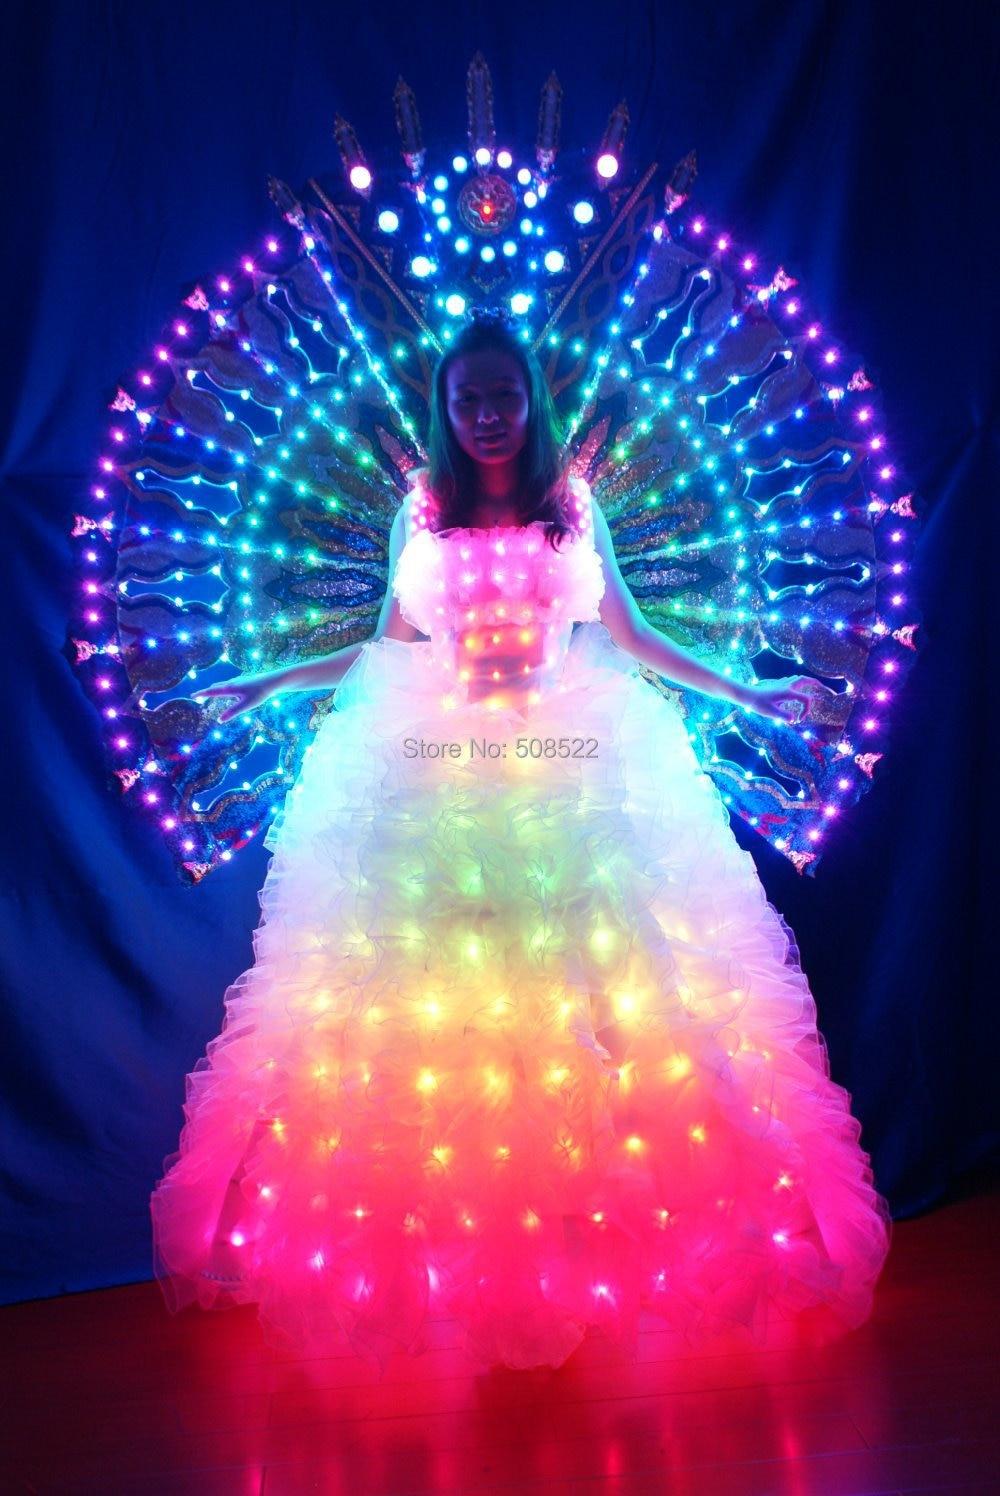 Licht zurück Rack LED Fluoreszenz unter der Bühne Prop LED Kleidung - Partyartikel und Dekoration - Foto 1